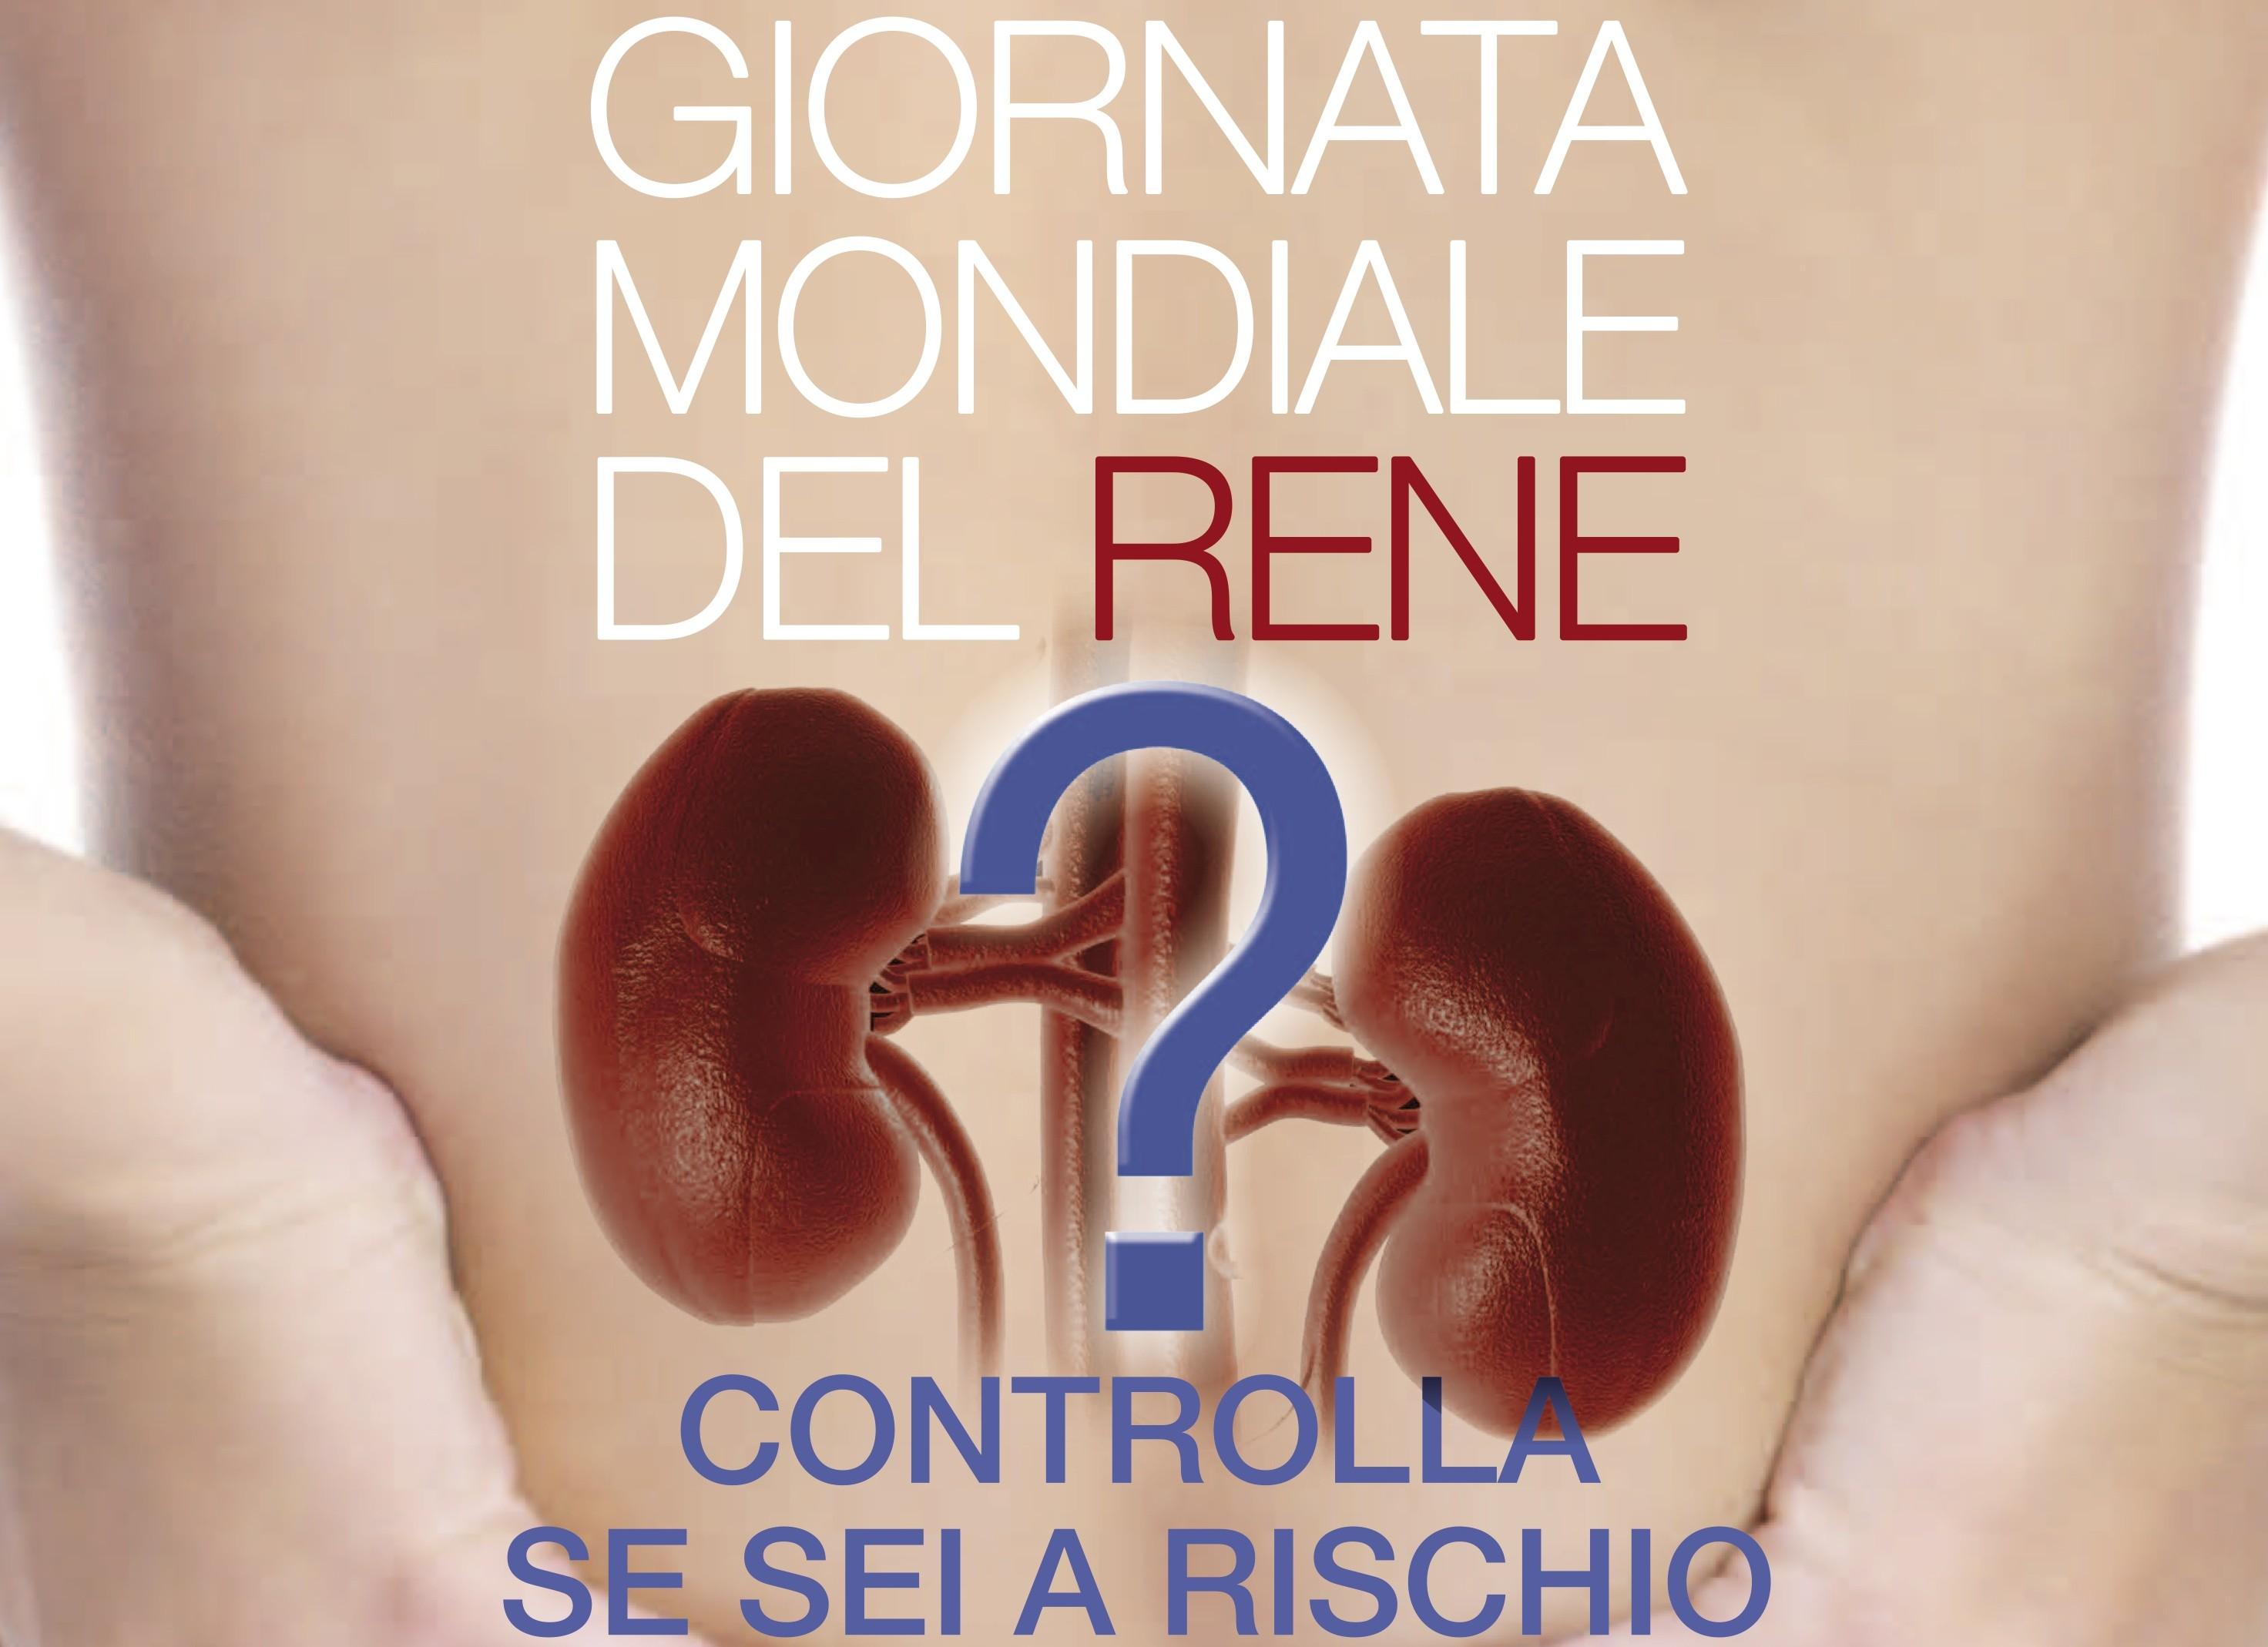 Giornata Mondiale del Rene: 14 marzo 2013